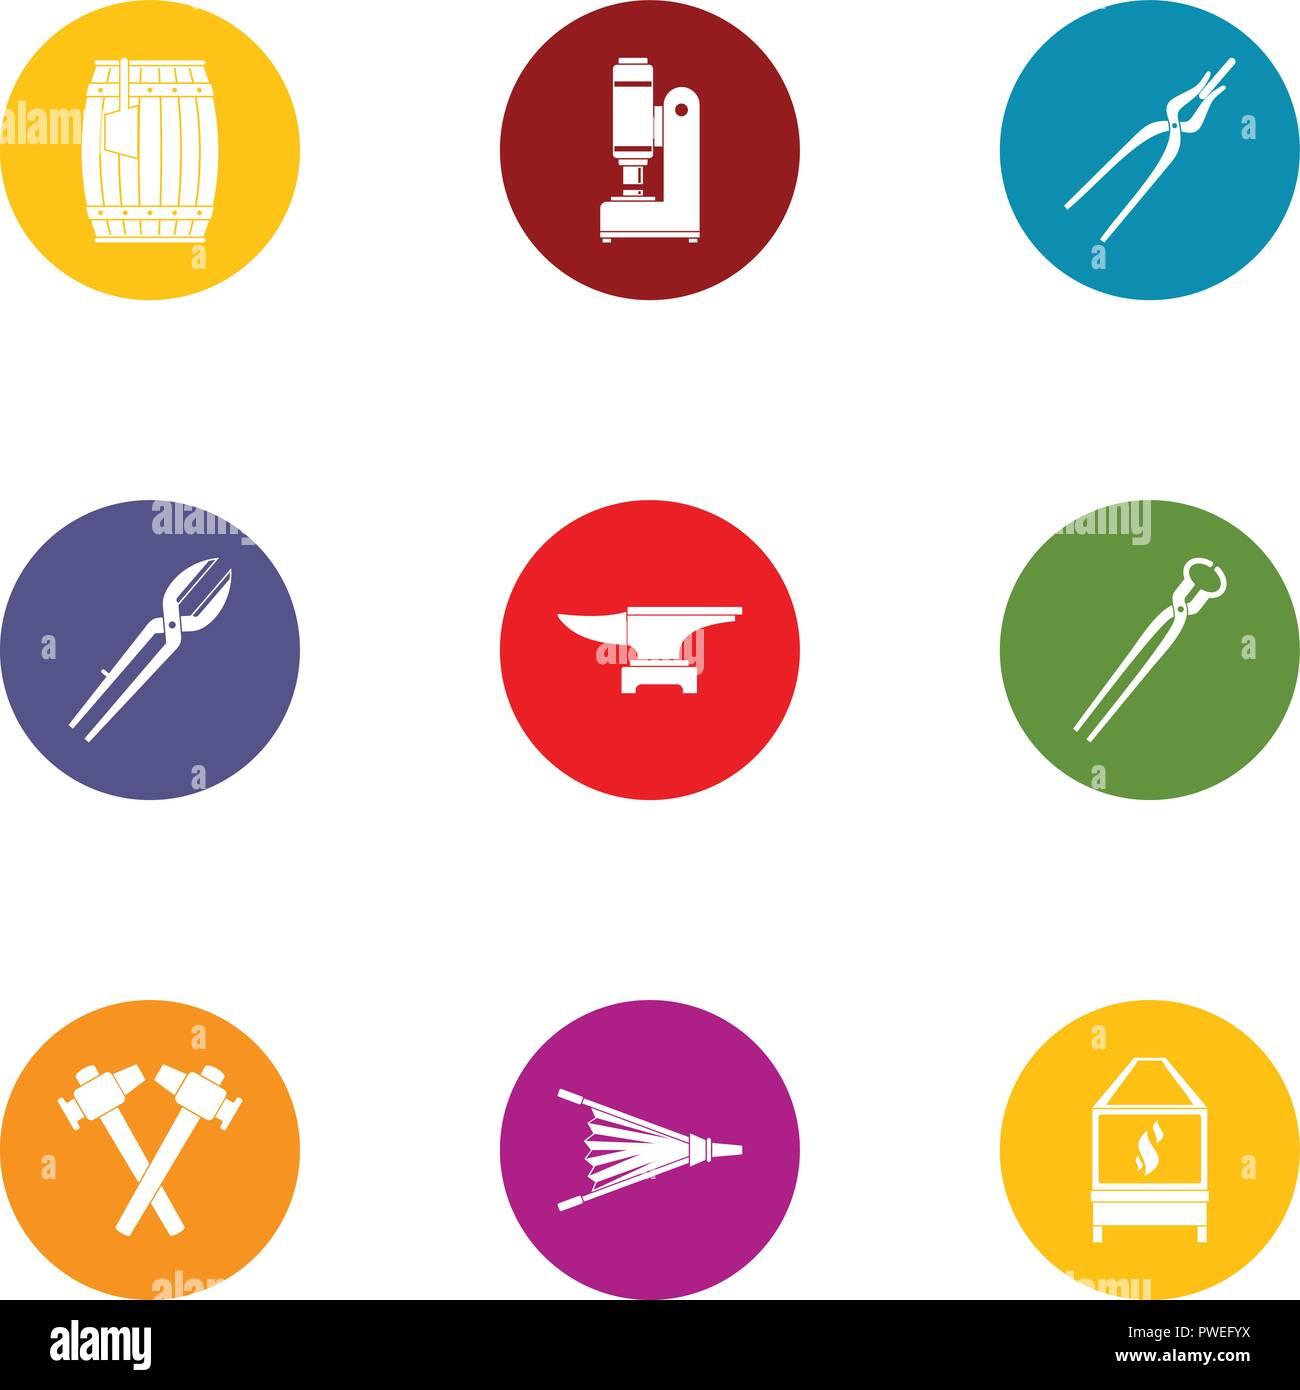 Ductile icons set, flat style - Stock Image